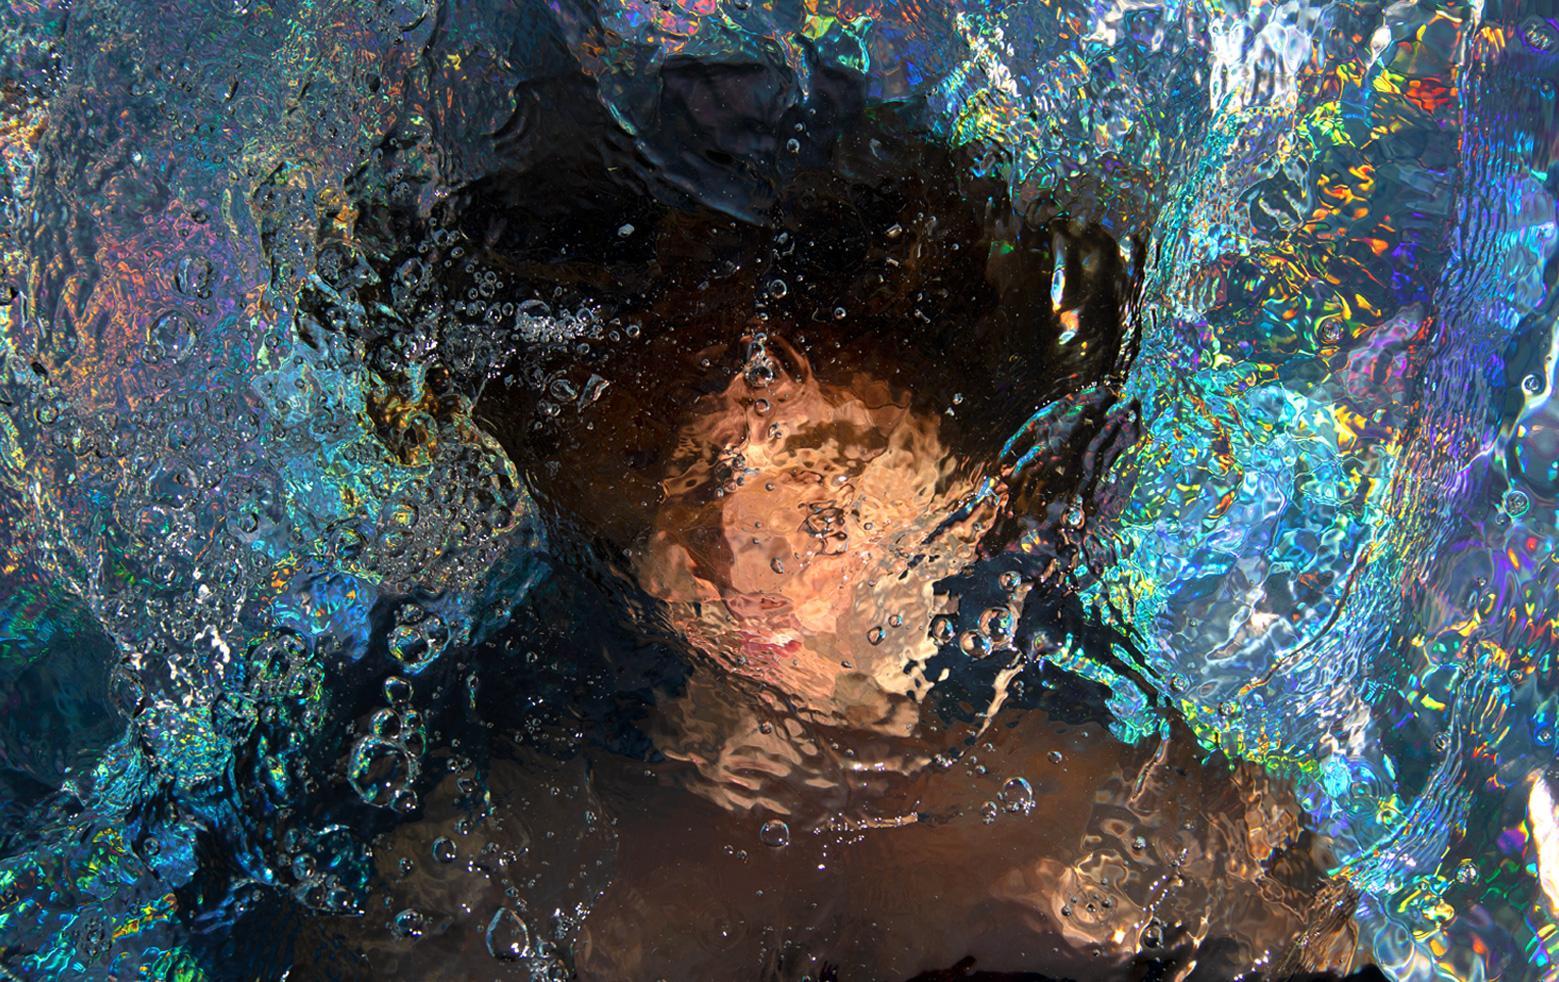 Nathan-Cavaleri-Demons-Cover-2.jpg